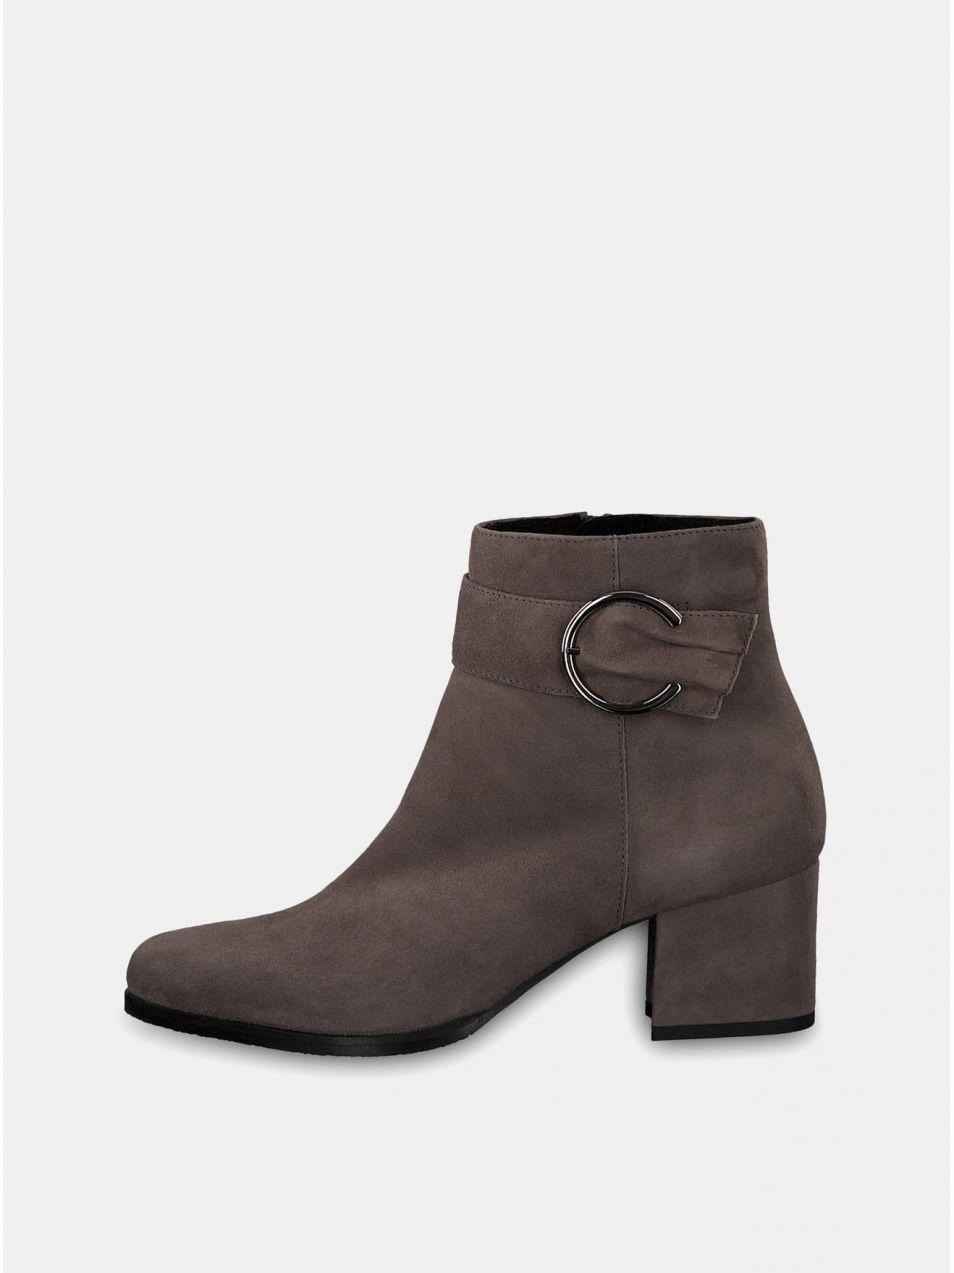 Sivé semišové členkové topánky na podpätku s ozdobnou prackou Tamaris 703ed4d5270